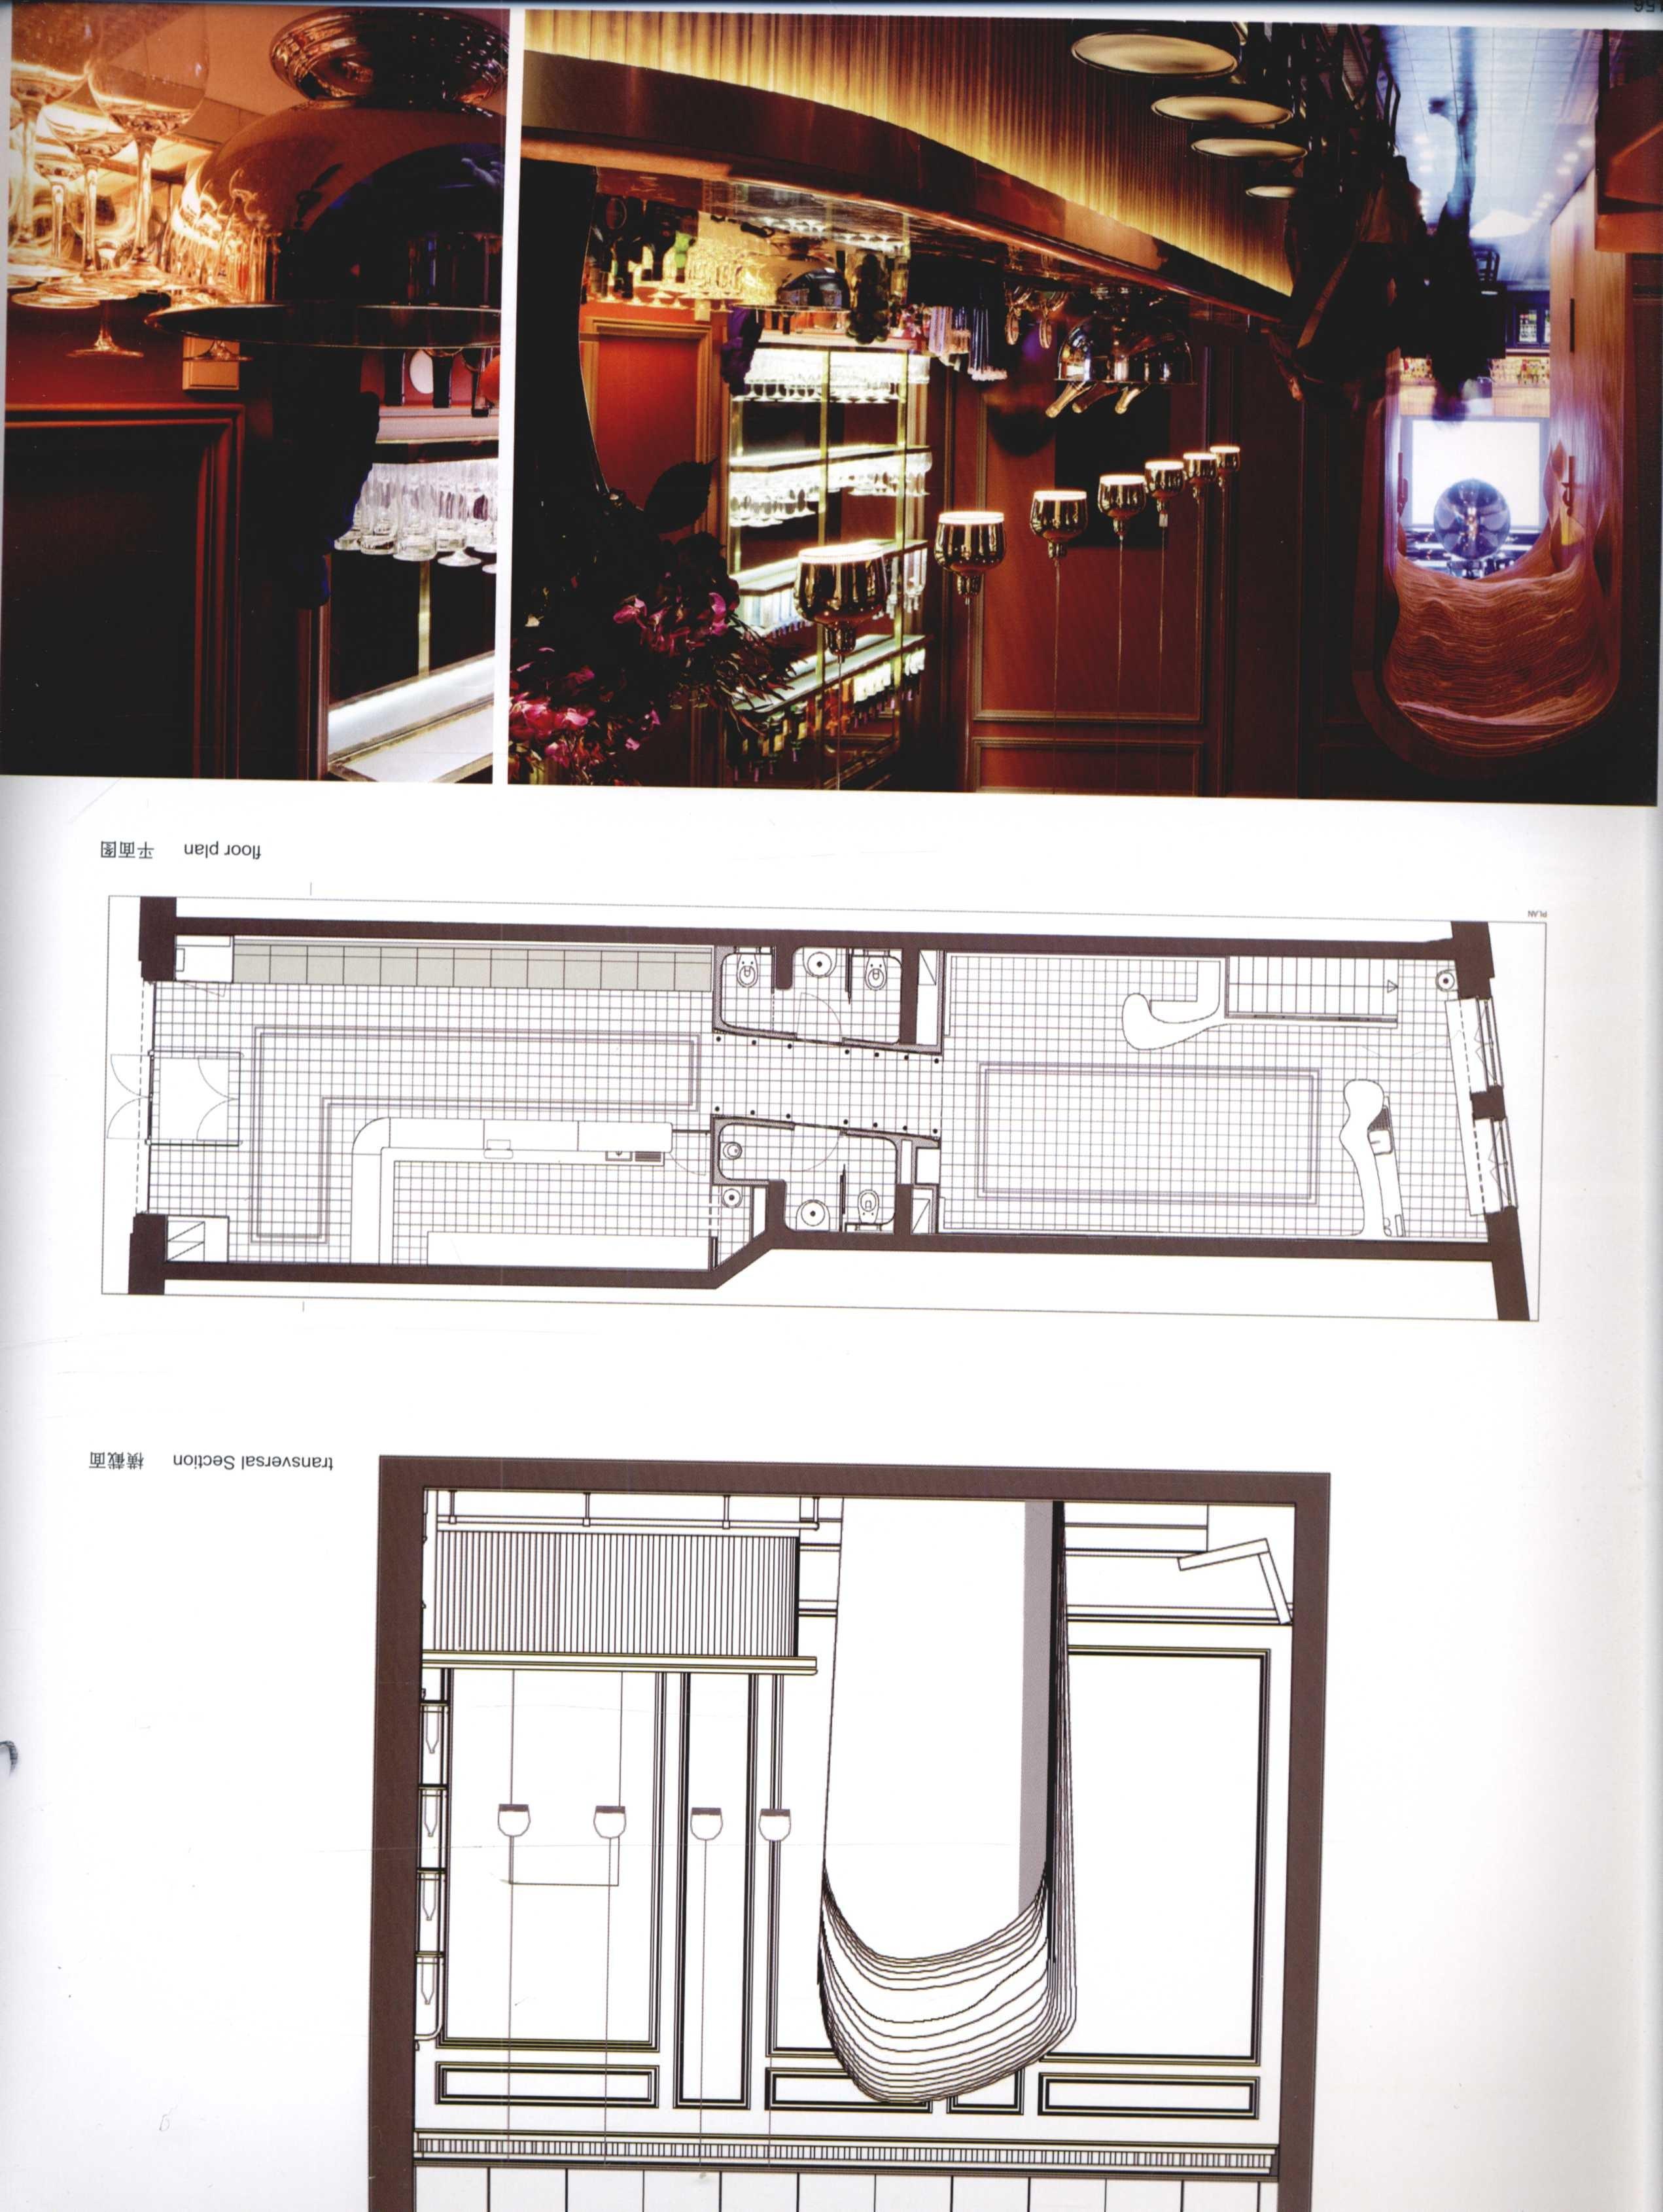 2012全球室内设计年鉴  餐饮_Page_151.jpg